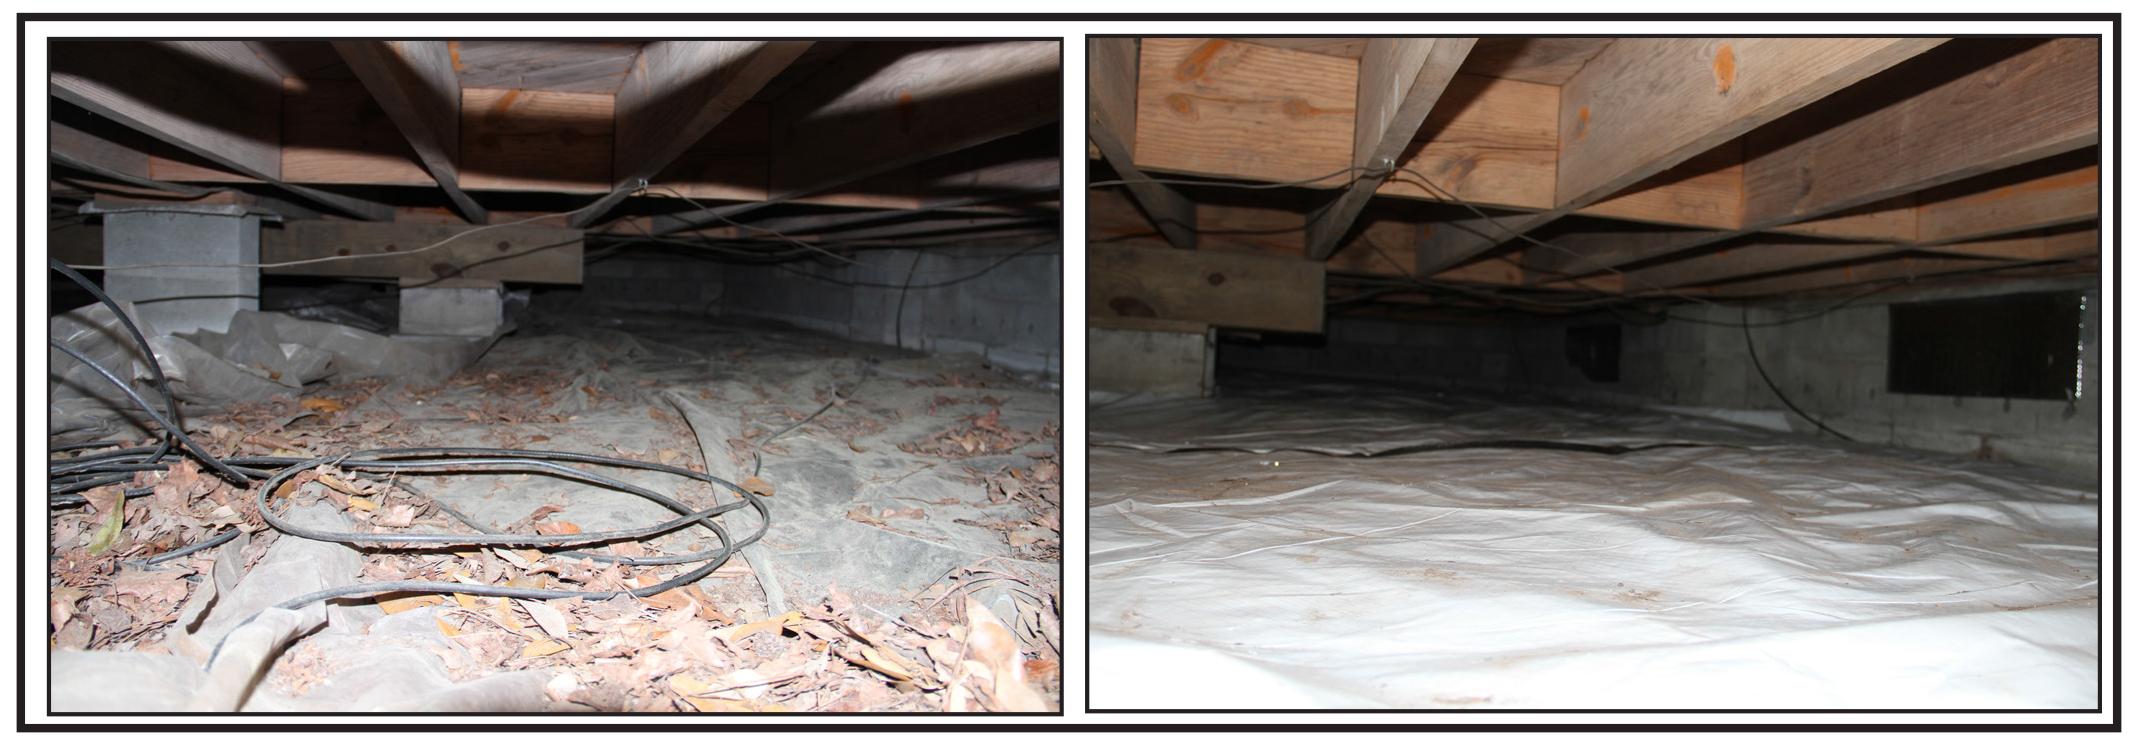 Economic exterminators cleans crawl spaces this summer for Crawl space floor